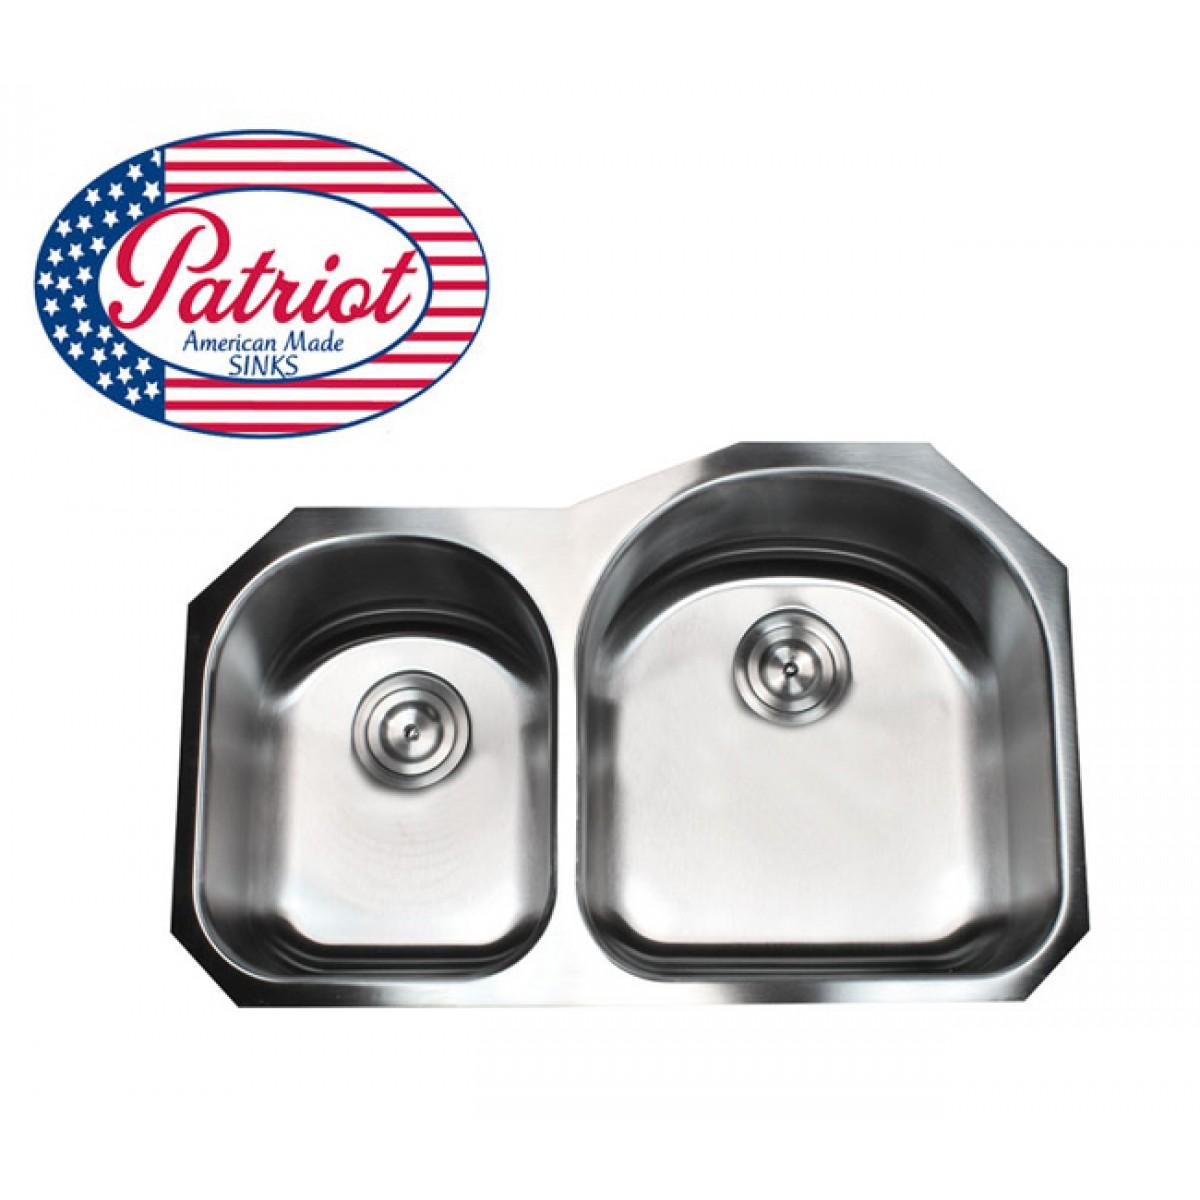 31 Inch Patriot Premium 18 Gauge Stainless Steel Undermount 30/70 Double  D Bowl Kitchen Sink